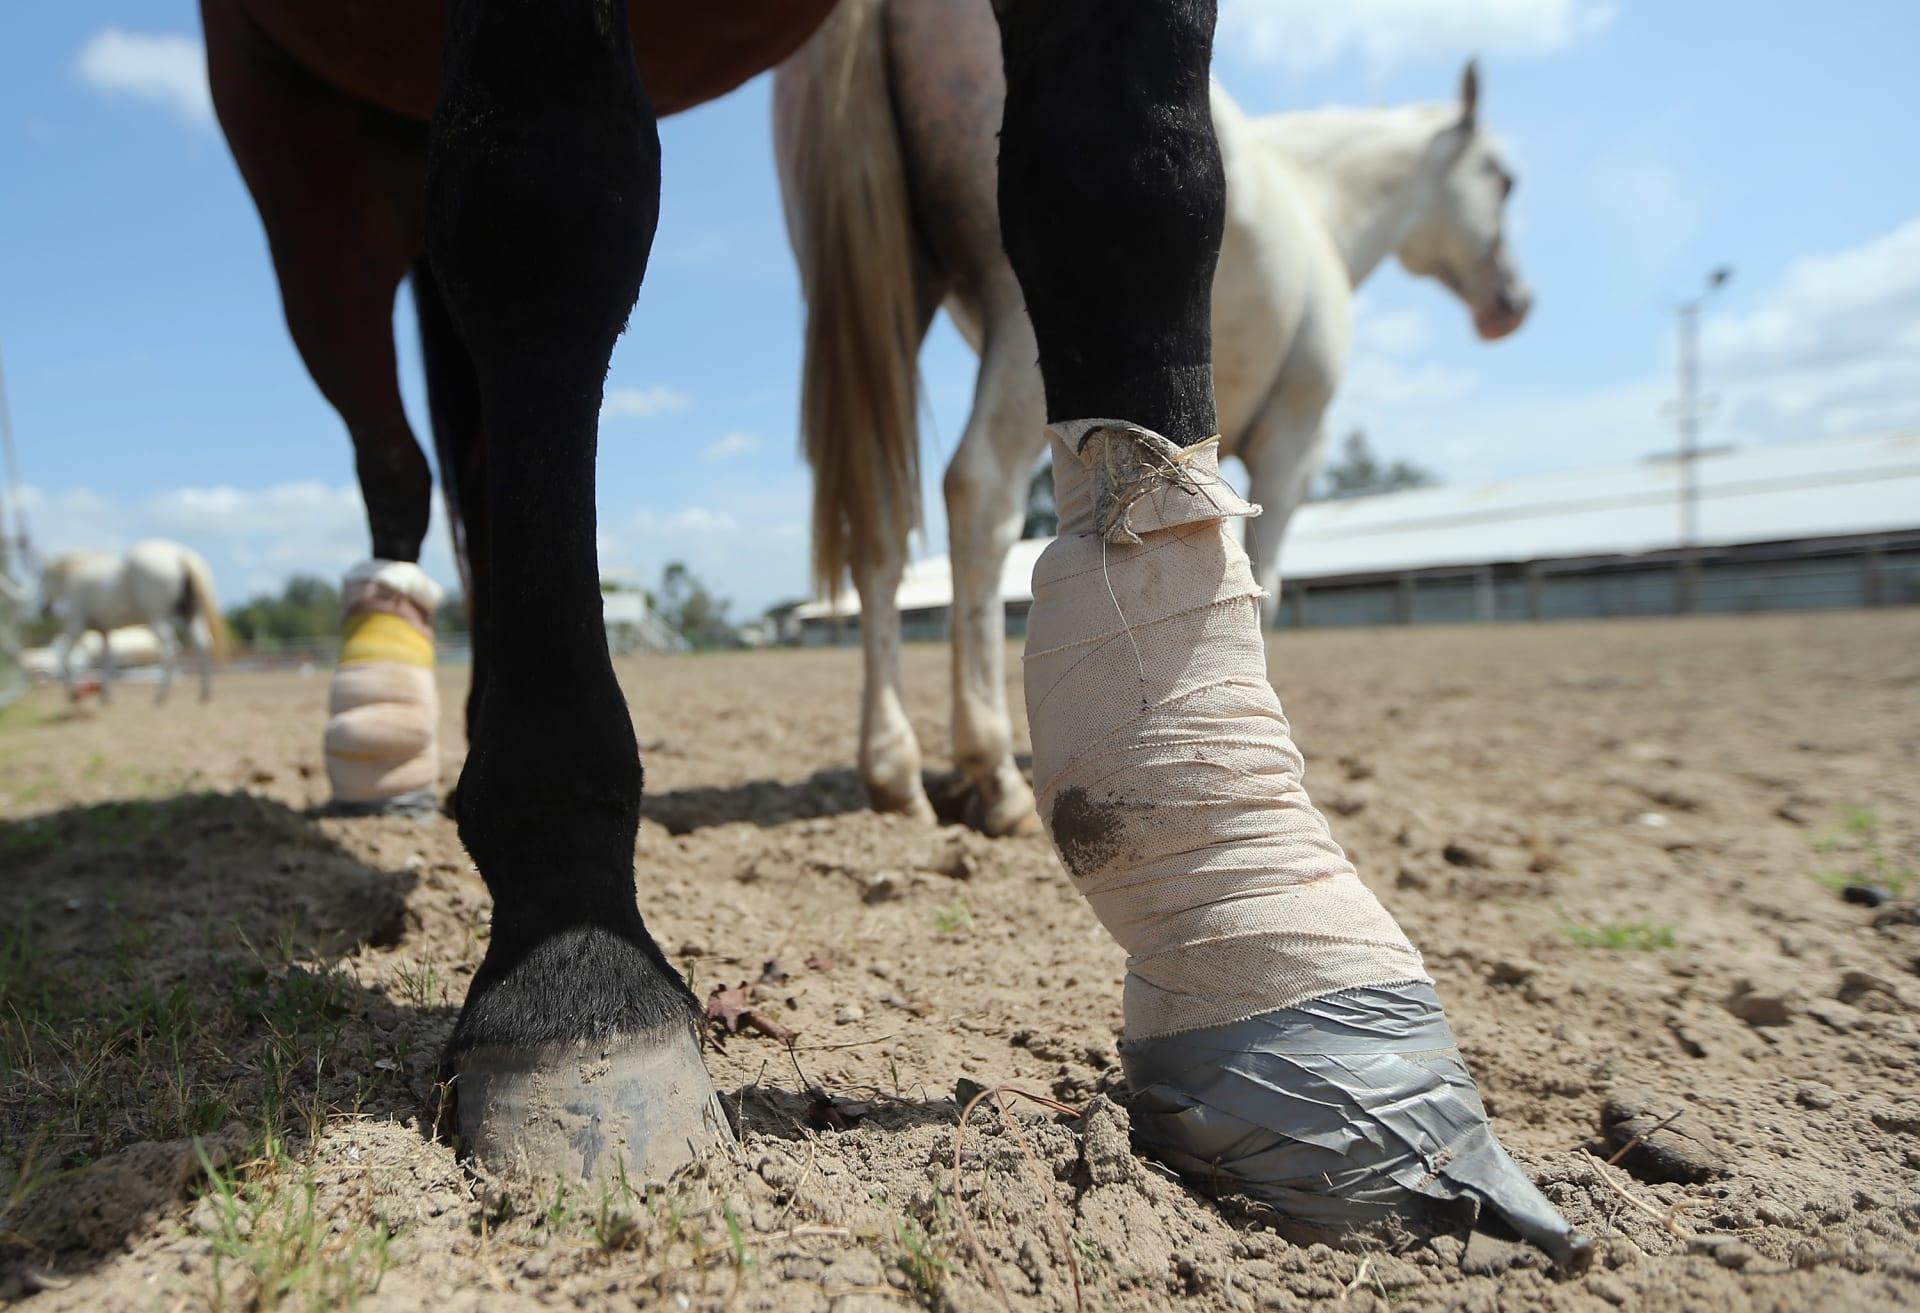 ما هي الطرق الصحيحة لعلاج إصابات الحصان بدون التسبب بمضاعفات إضافية؟